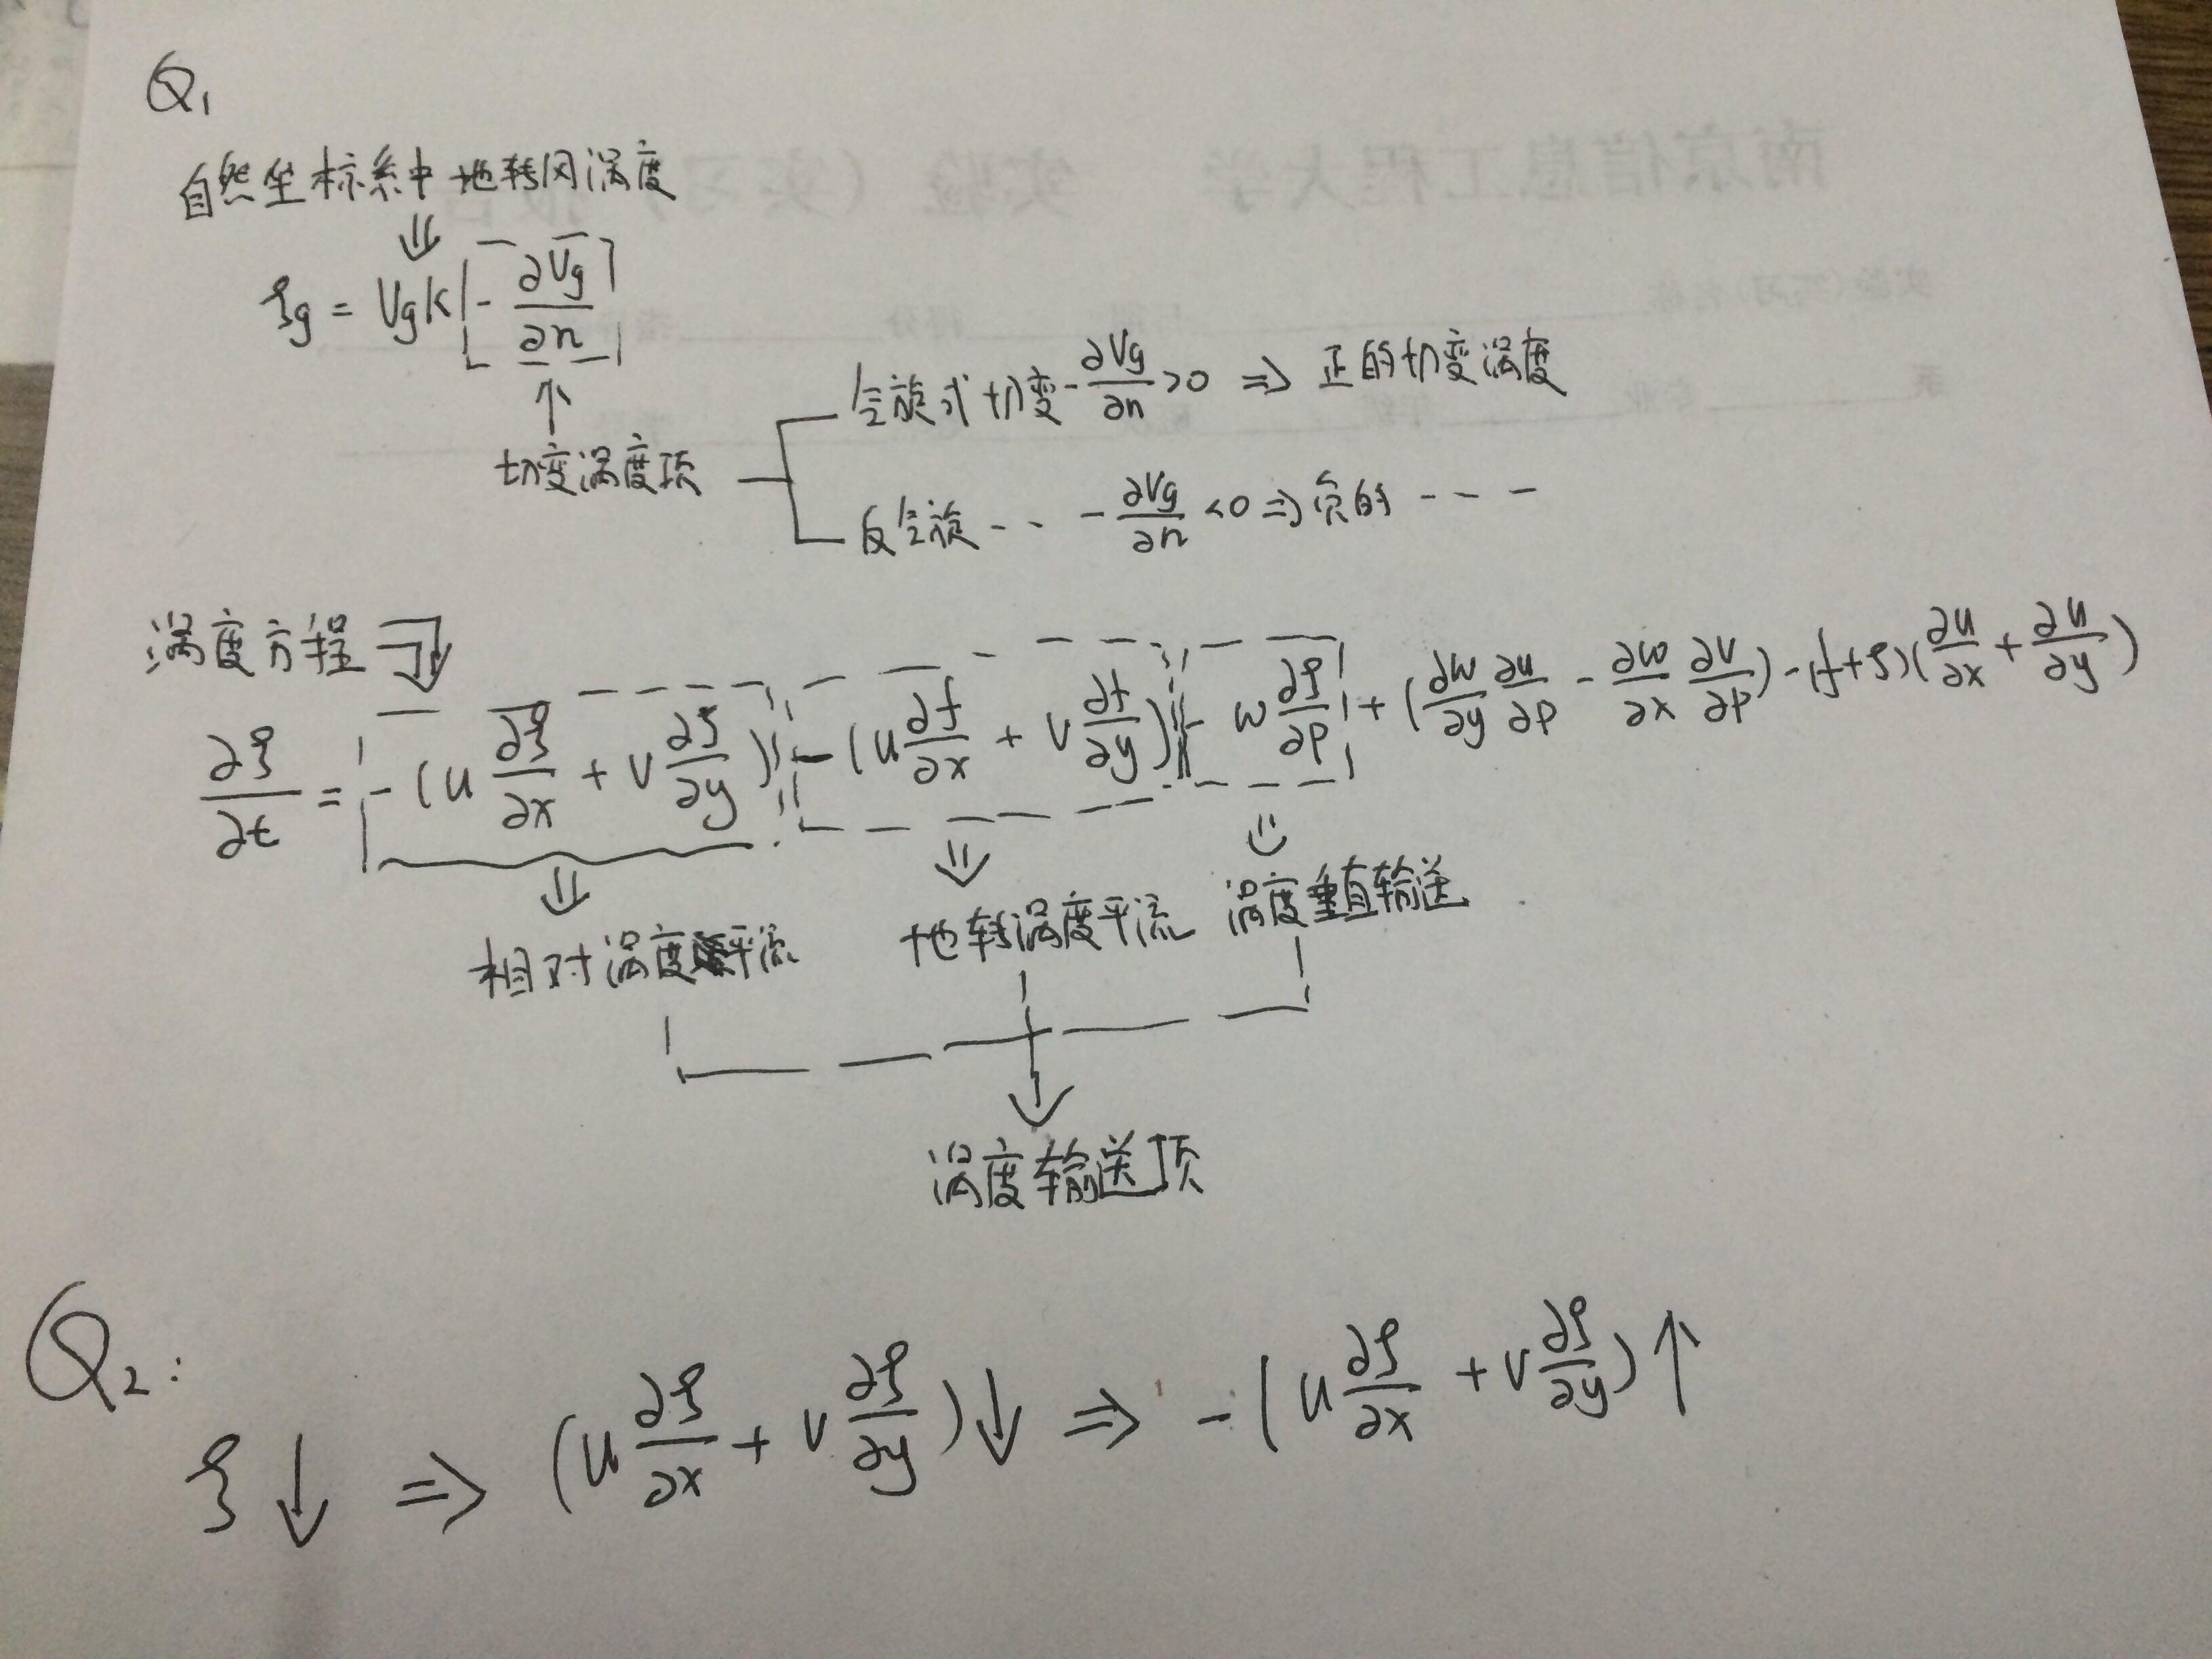 正涡度平流_正涡度平流和正涡度切变怎么定义,它们区别和联系是什么?为 ...